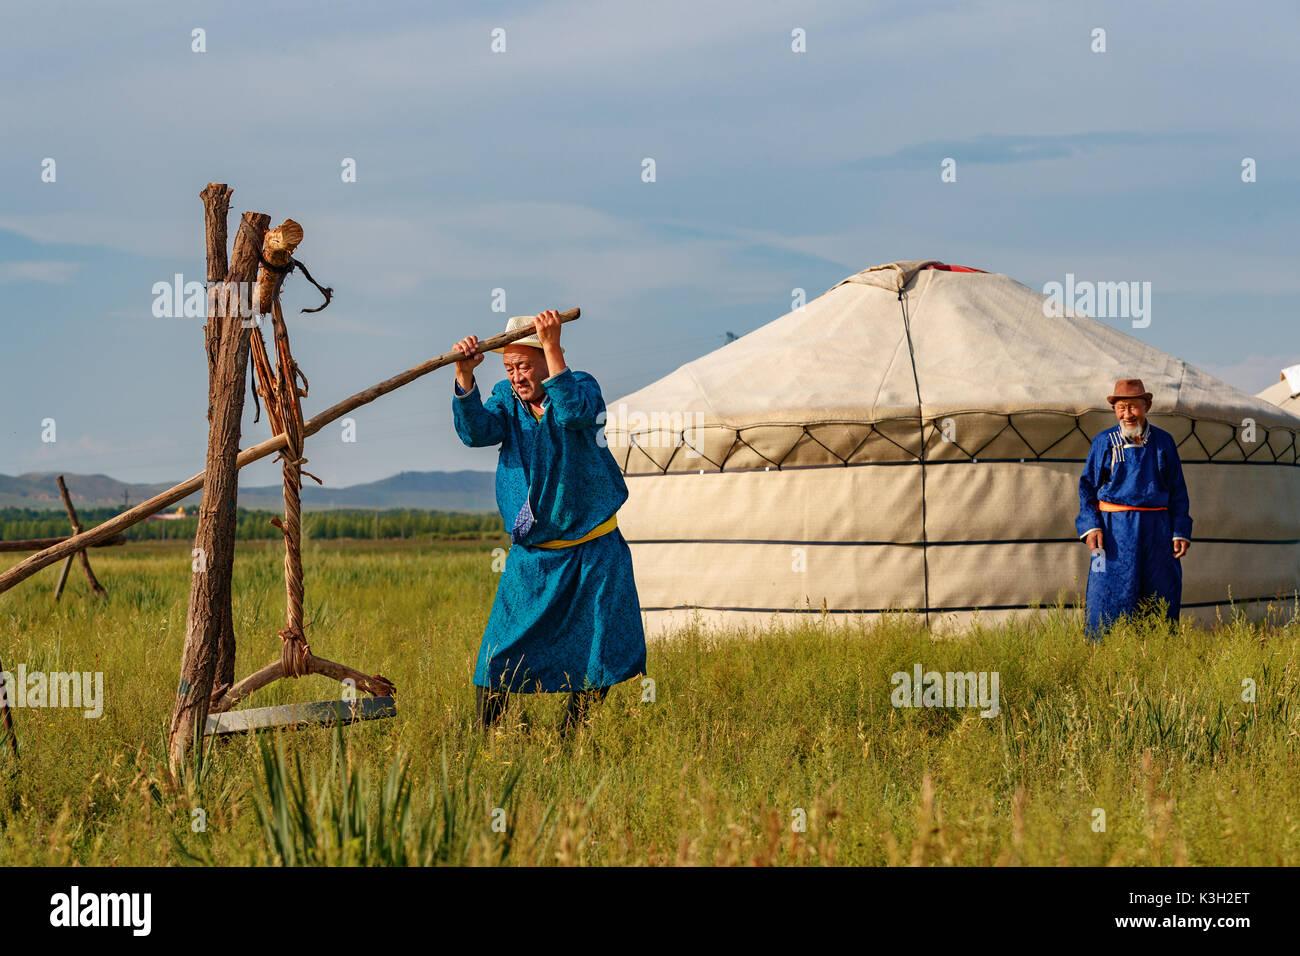 Mongolie intérieure, China-July 26, 2017: vieux vêtements traditionnels hommes mongol le processus de fourrure mouton dans une façon traditionnelle pour plus de travail en cuir. Photo Stock